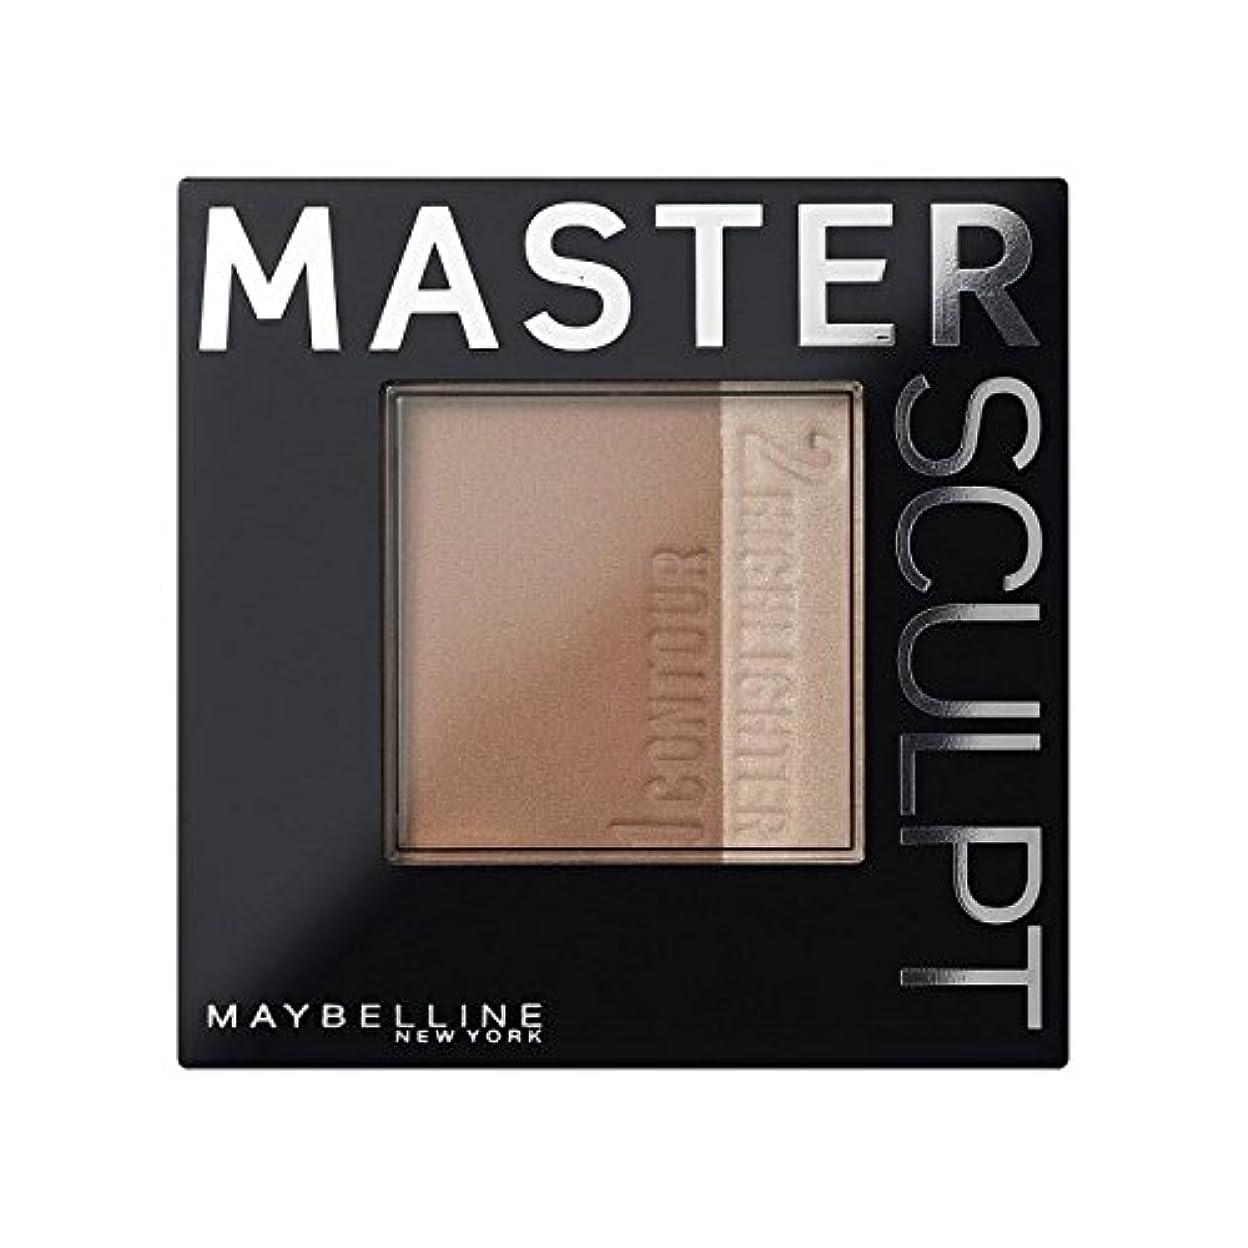 同行あなたのもの運動するメイベリンマスタースカルプト基盤02の /暗い輪郭 x4 - Maybelline Master Sculpt Contouring Foundation 02 Med/Dark (Pack of 4) [並行輸入品]